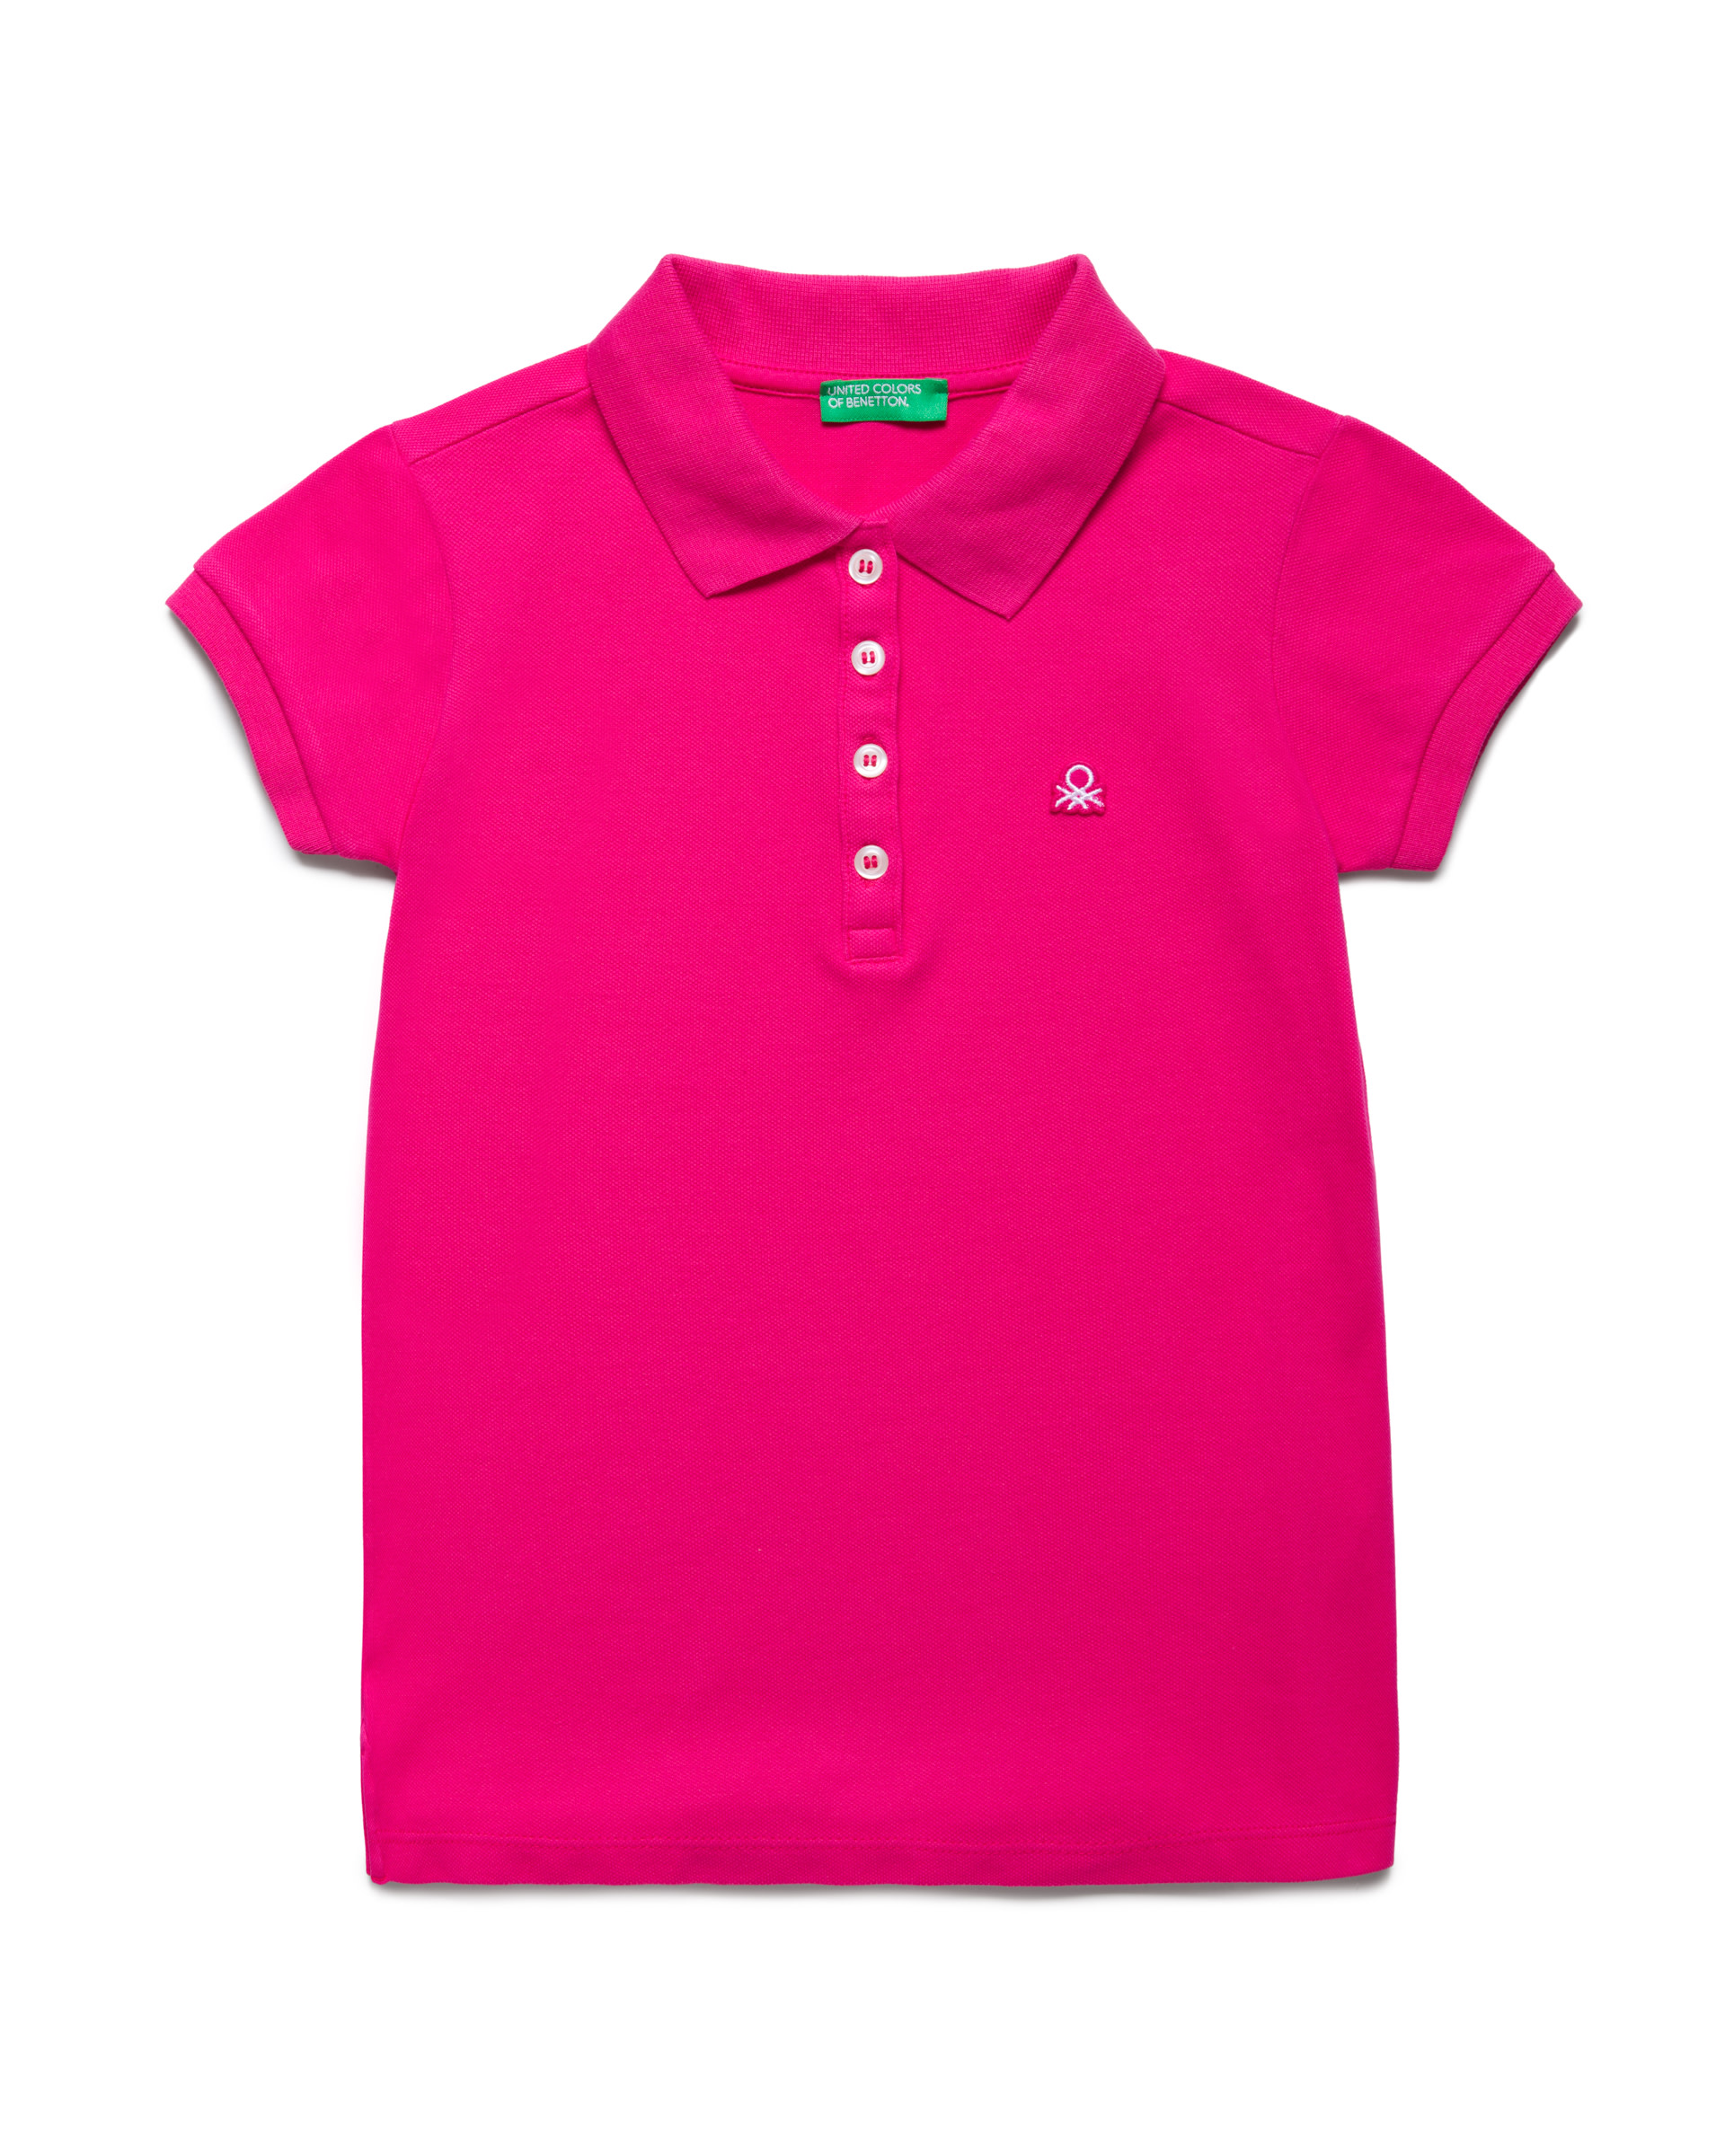 Купить 20P_3WG9C3092_2L3, Поло-пике для девочек Benetton 3WG9C3092_2L3 р-р 128, United Colors of Benetton, Детские футболки